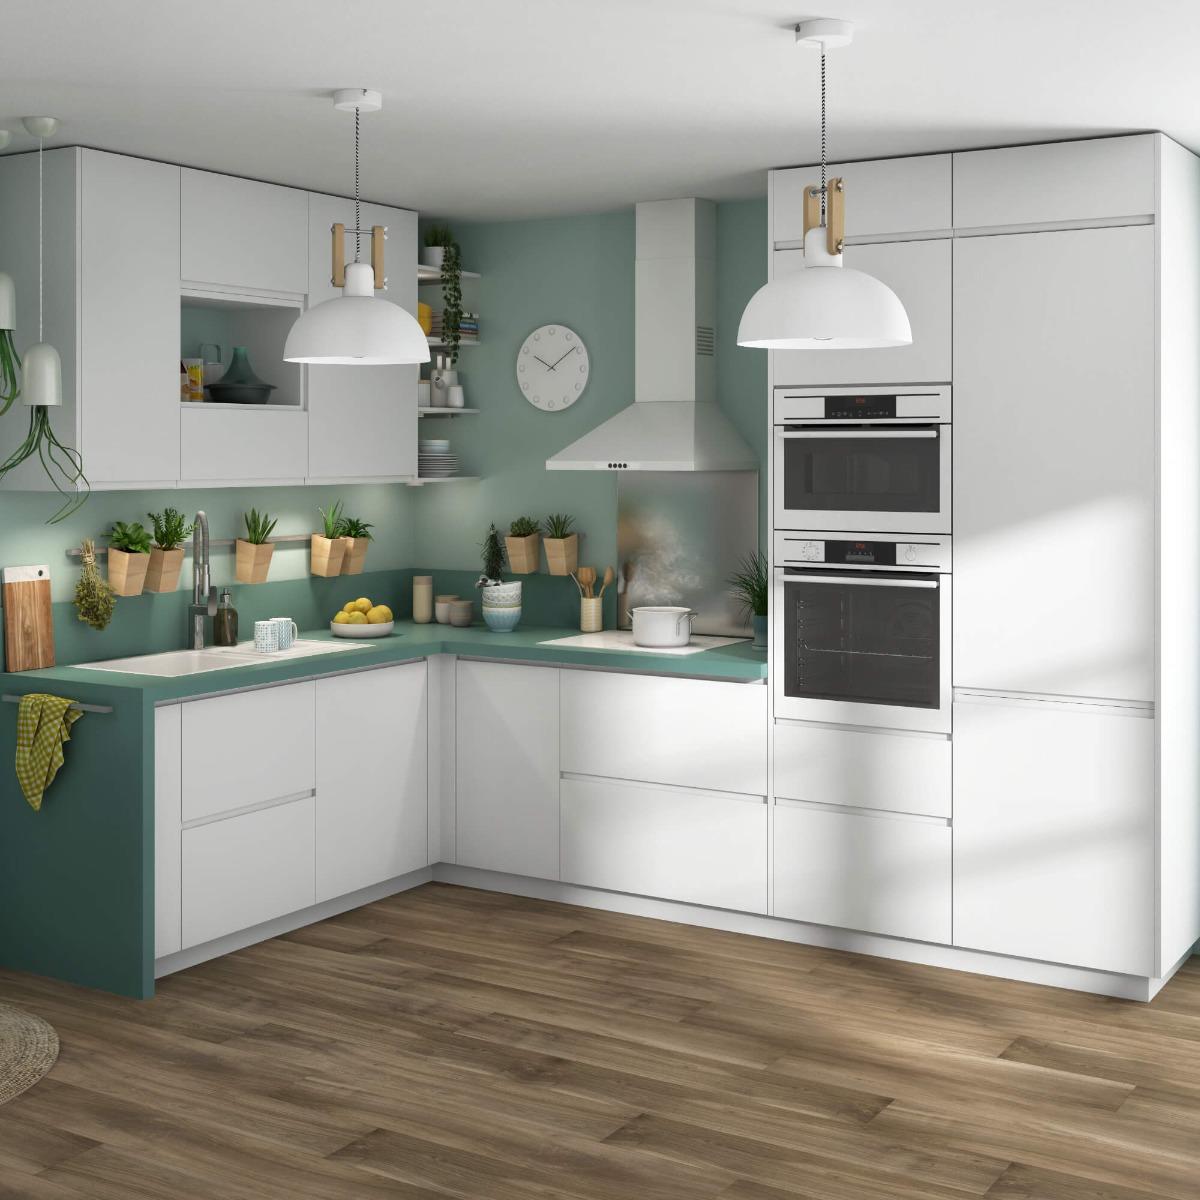 Delinia Tokyo White Designer Kitchen Mobi - Example 1